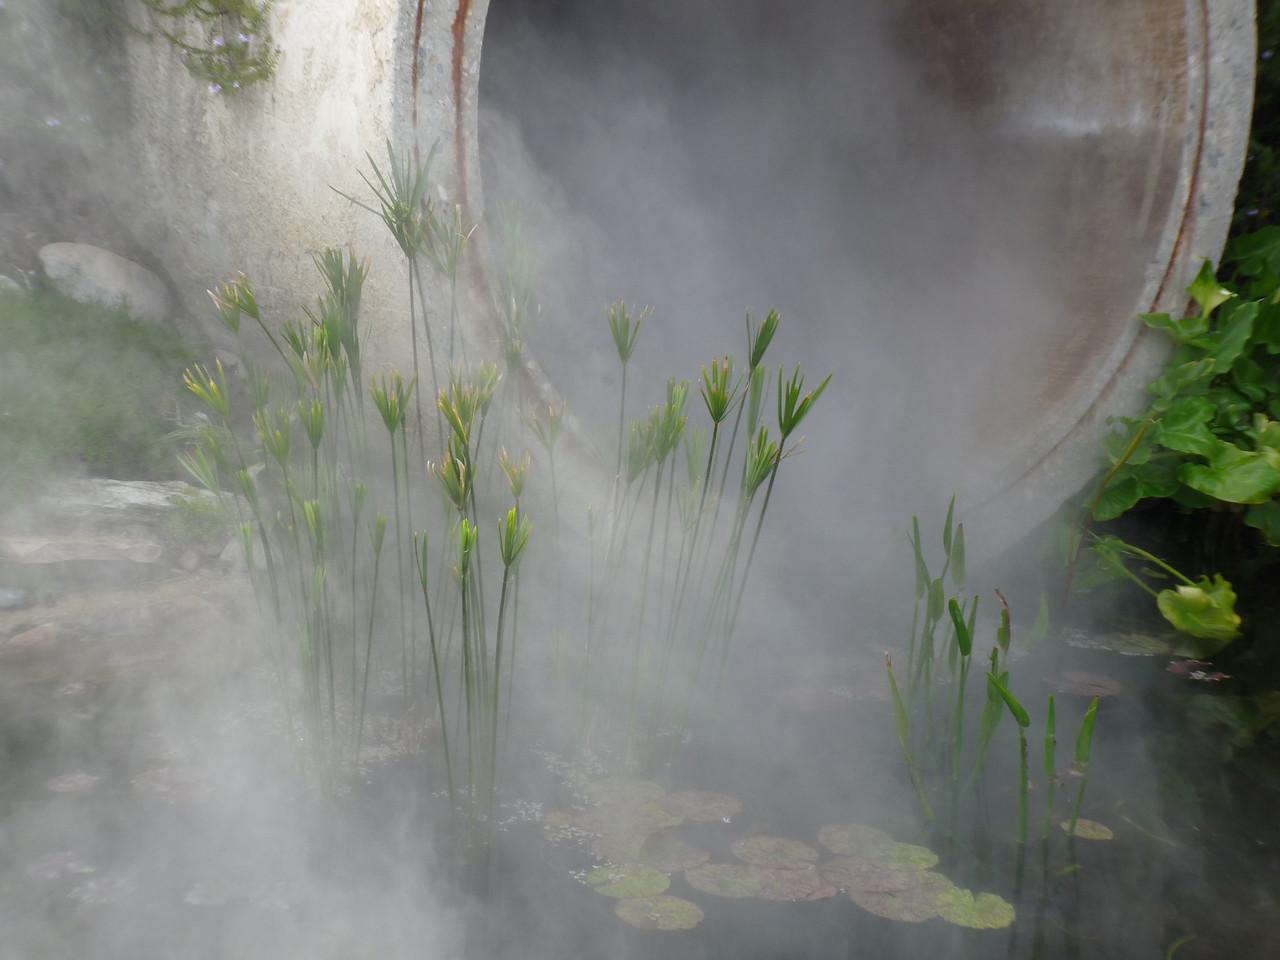 a misty pond